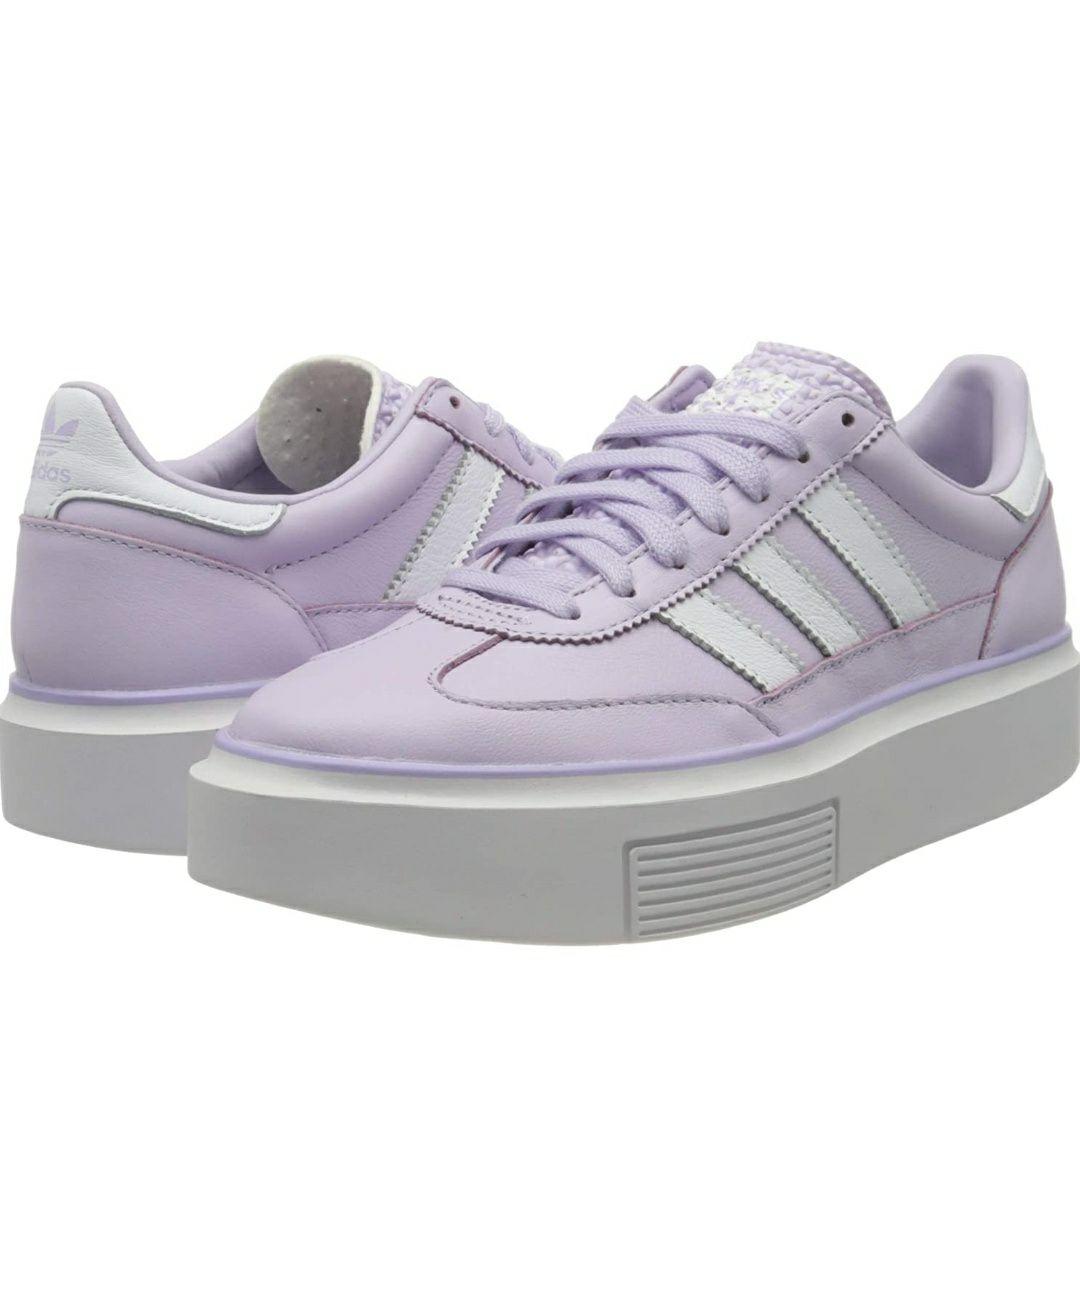 Adidas Sleek Super 72 W, Zapatillas Mujer